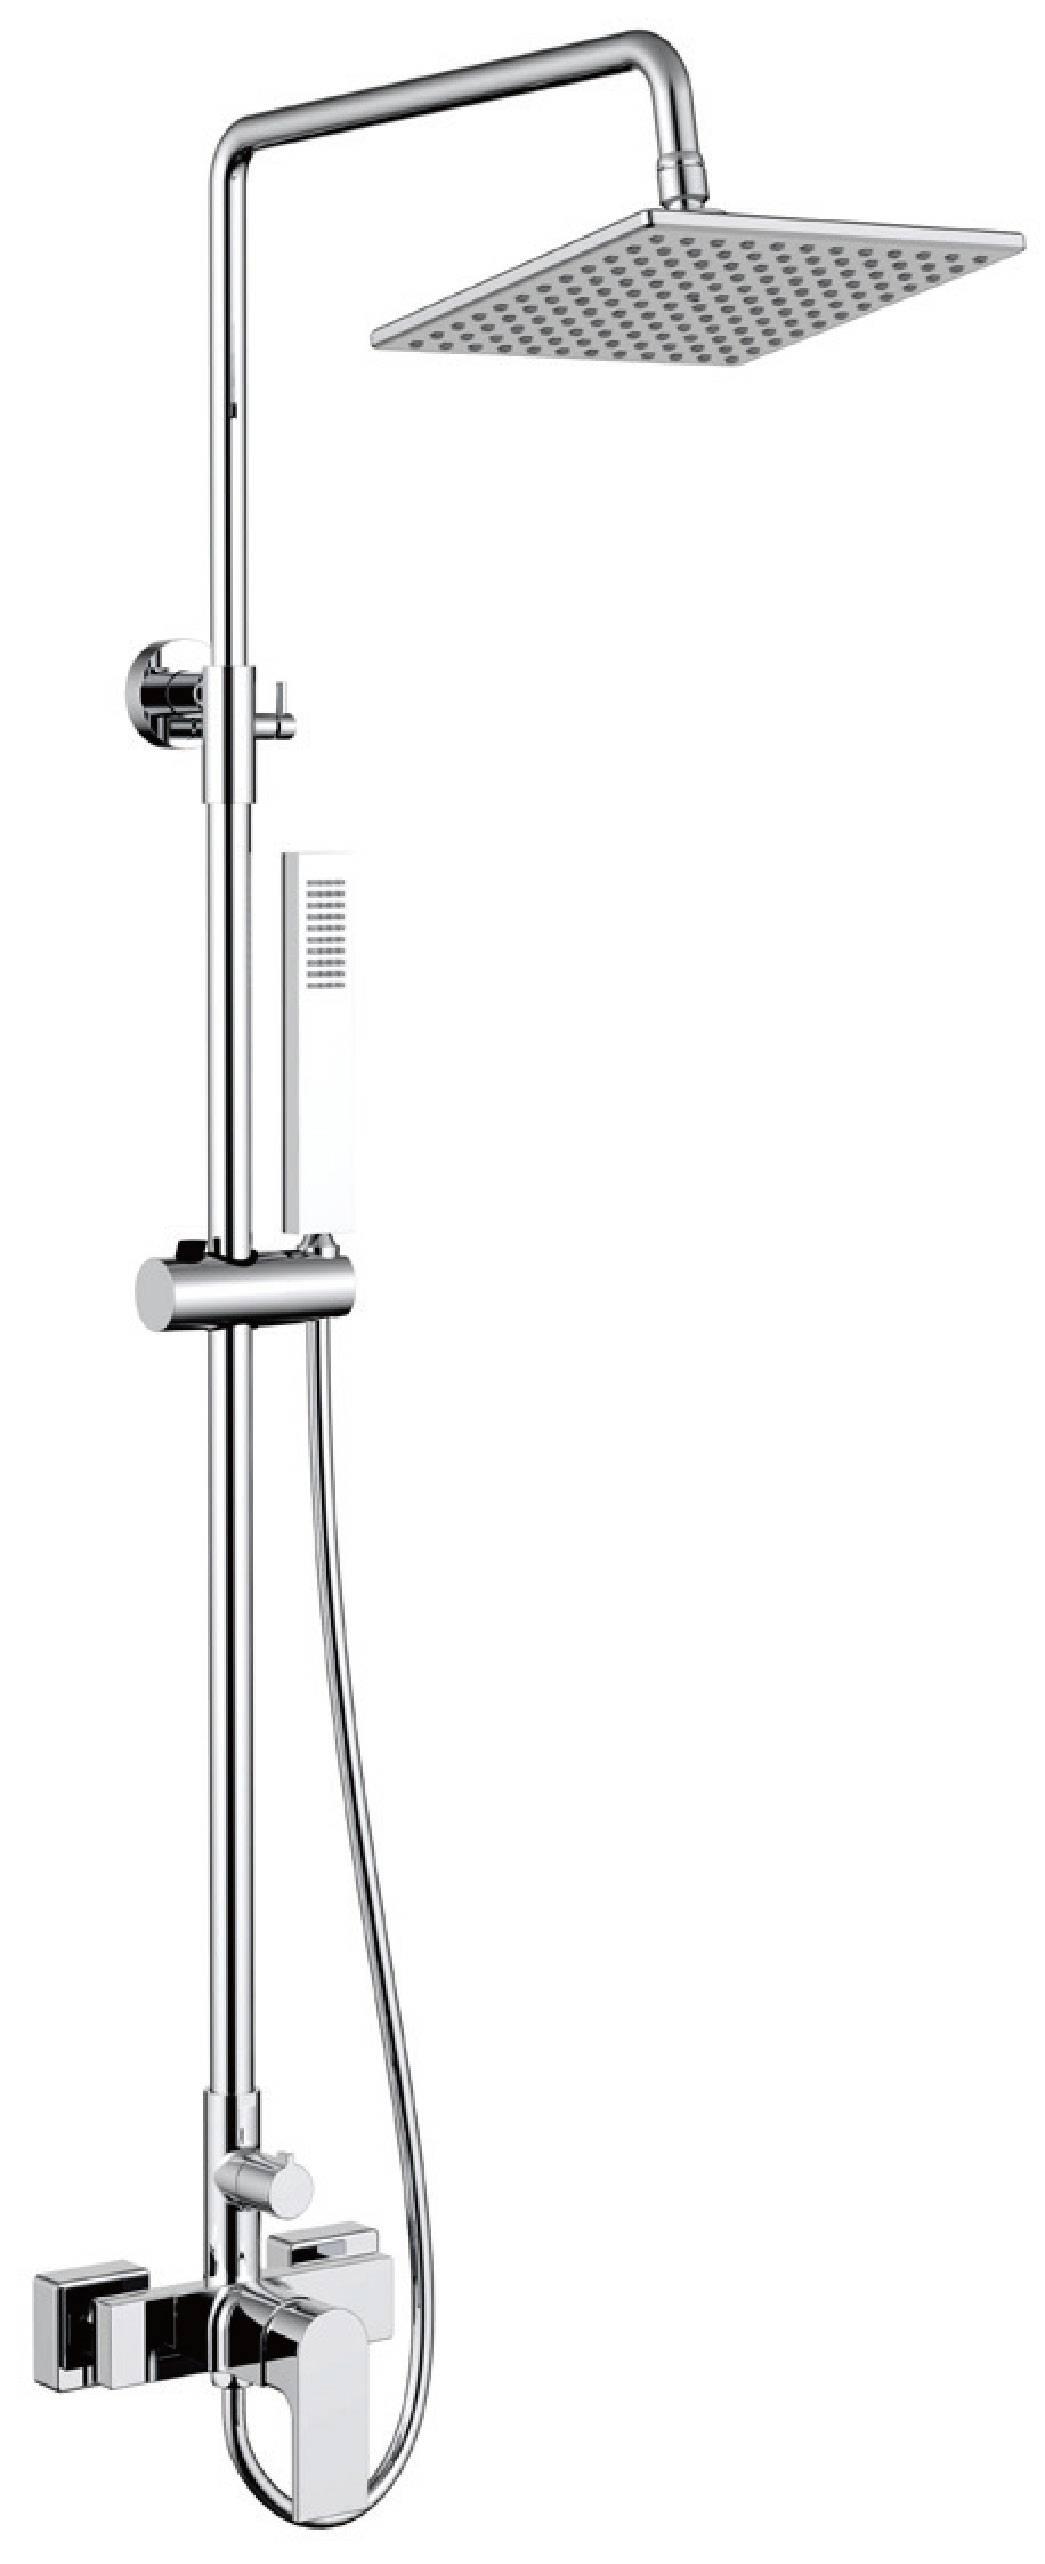 Contemporary chrome brass exposed bathroom shower set